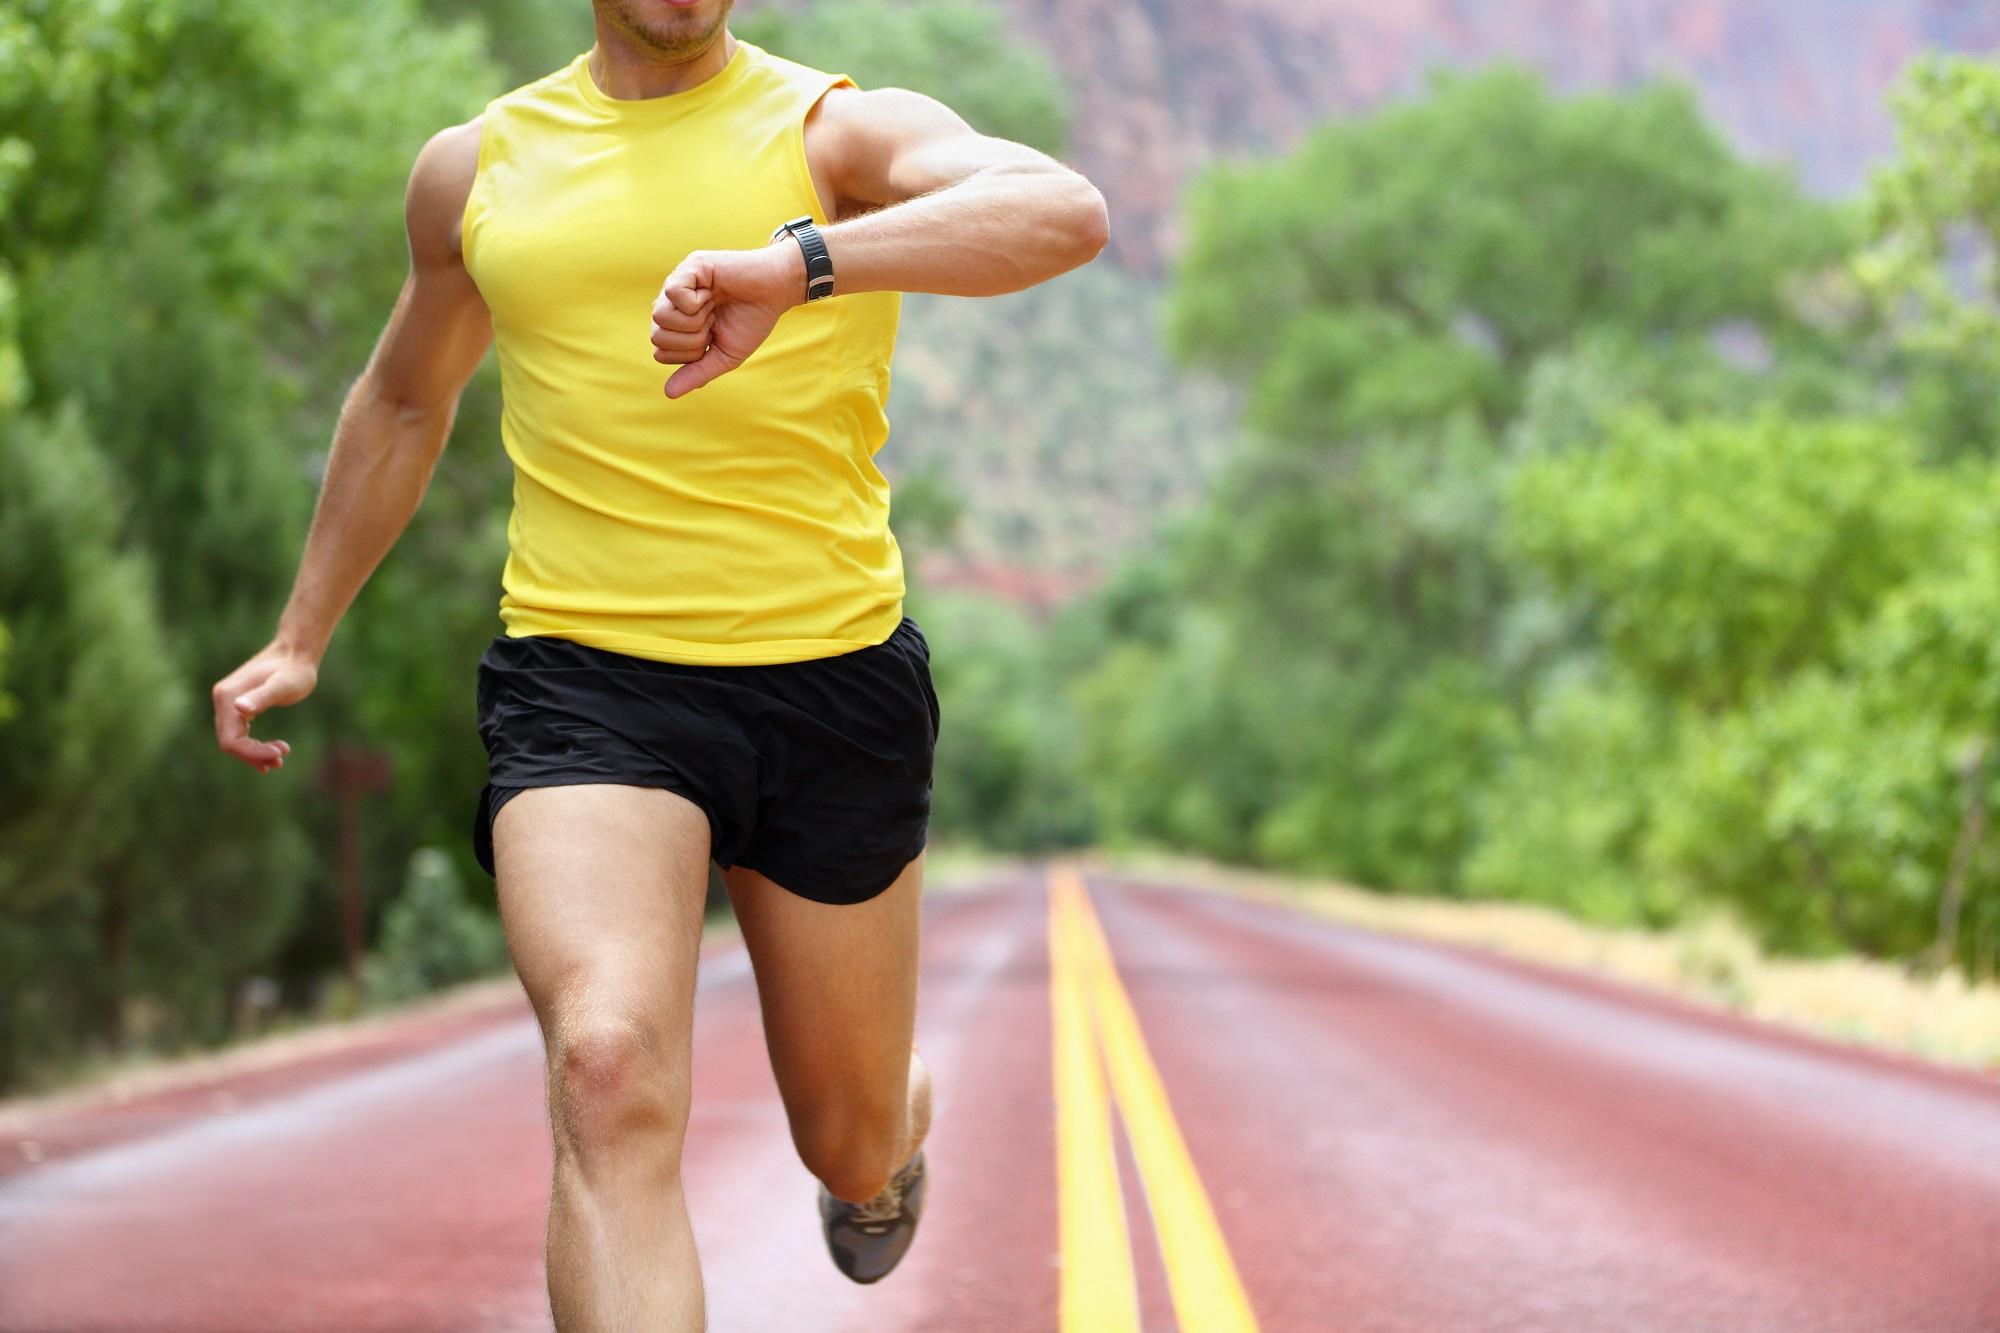 Можно ли бегать при сколиозе и какие упражнения делать нельзя?